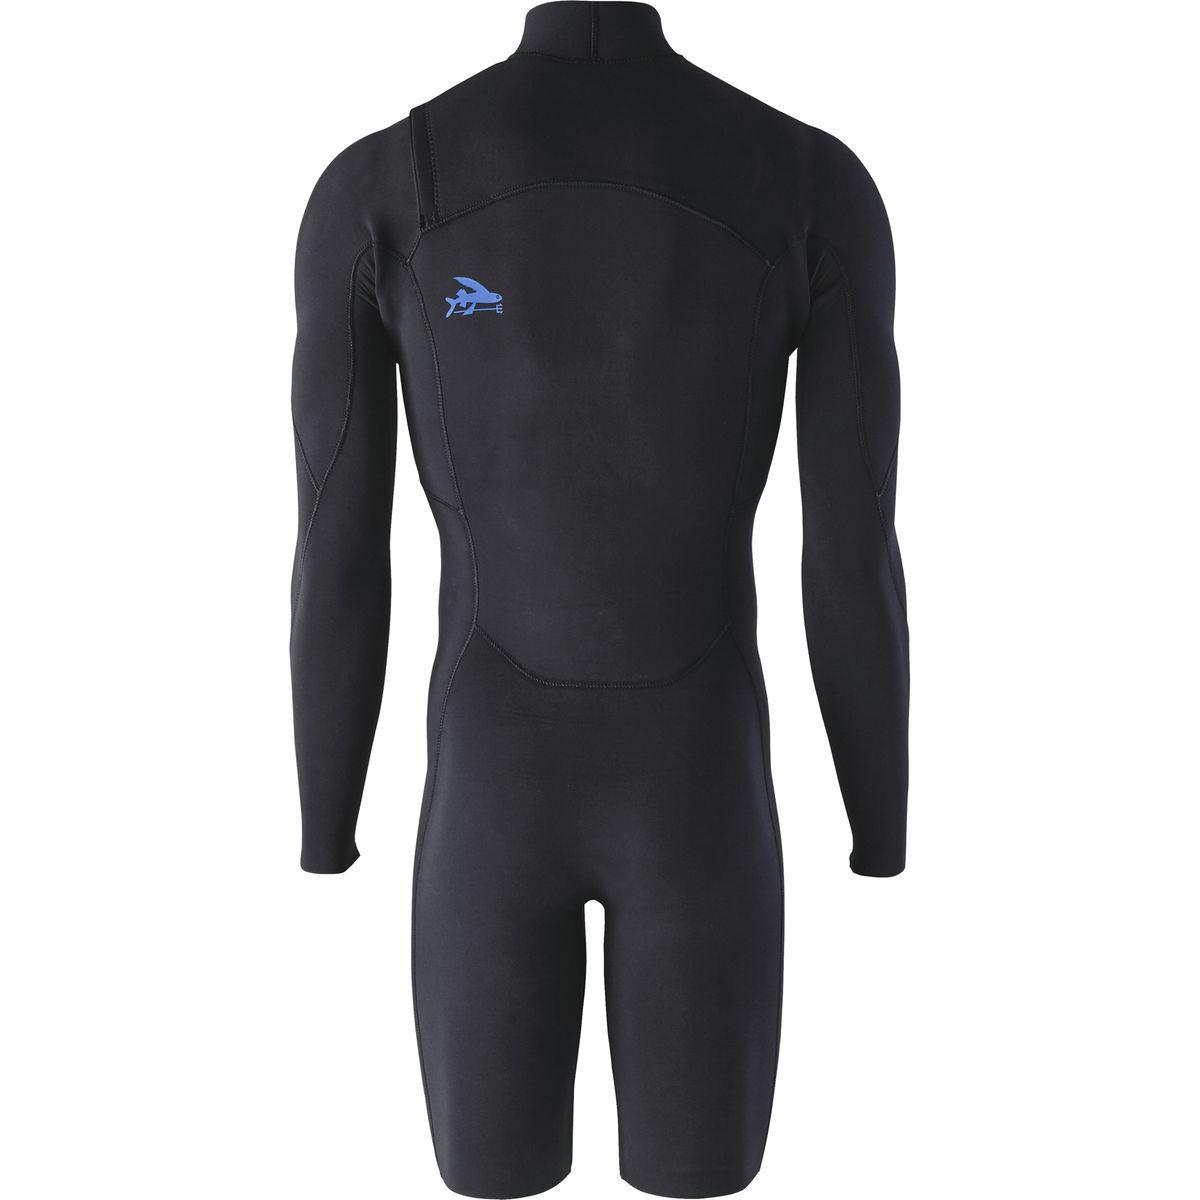 bfaf7195ee Lyst - Patagonia R1 Lite Yulex Front-zip Long-sleeve Spring Suit in ...